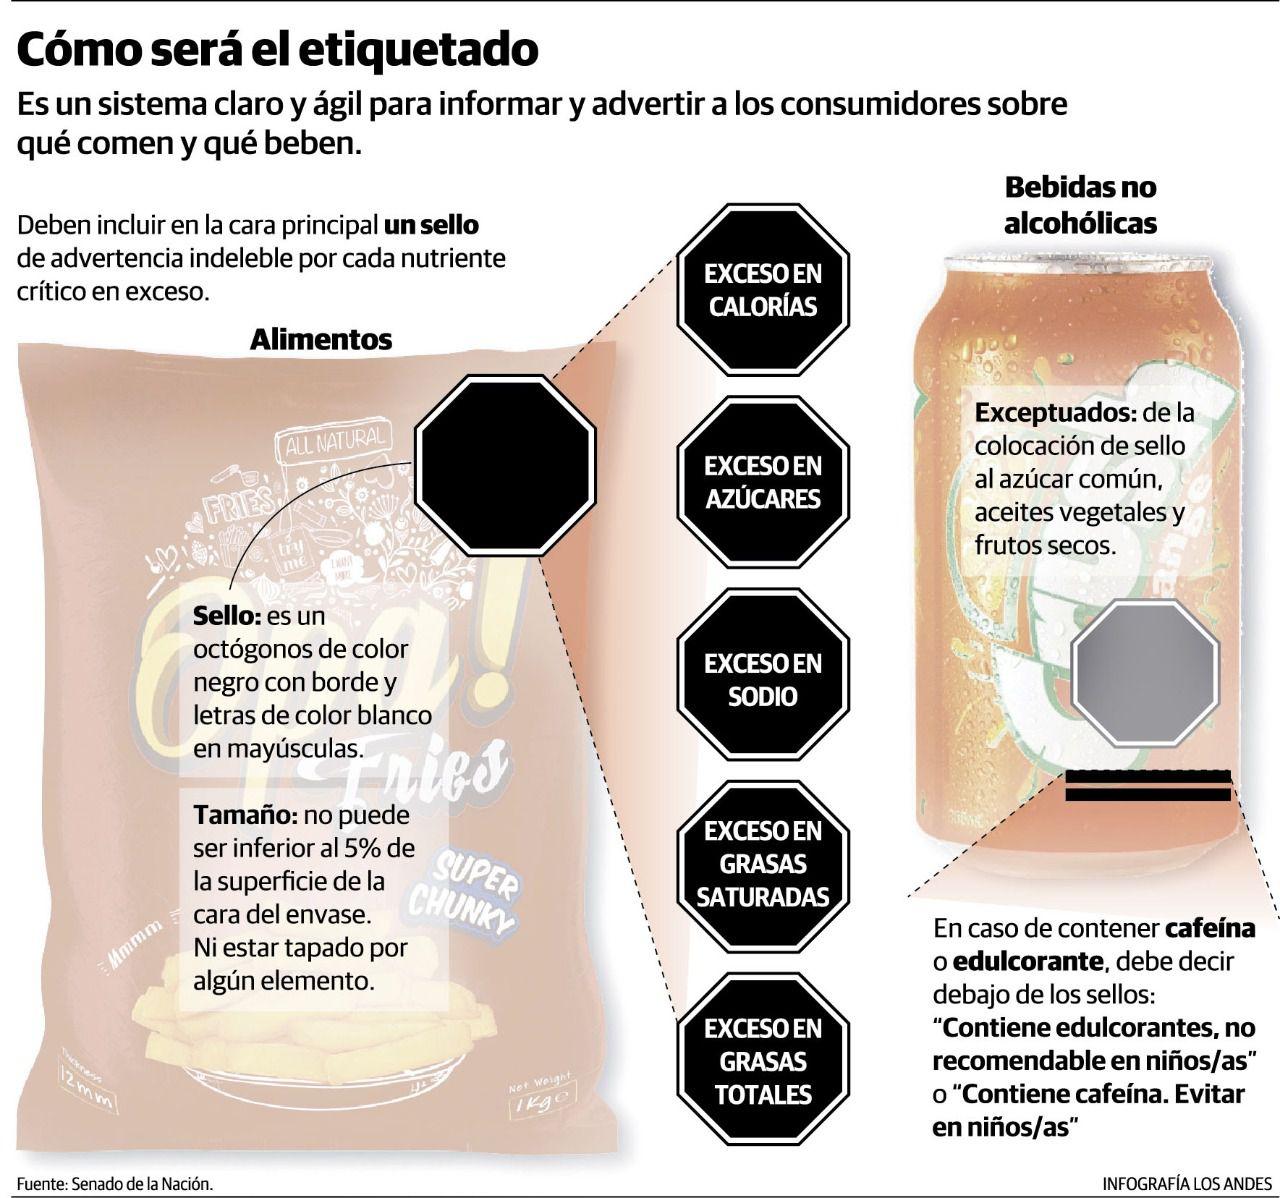 Los alimentos y bebidas que tengan altos contenidos de azúcares, sodio, grasas saturadas, grasas totales y/o calorías tendrán una etiqueta negra en sus envases. Foto: Gustavo Guevara / Los Andes